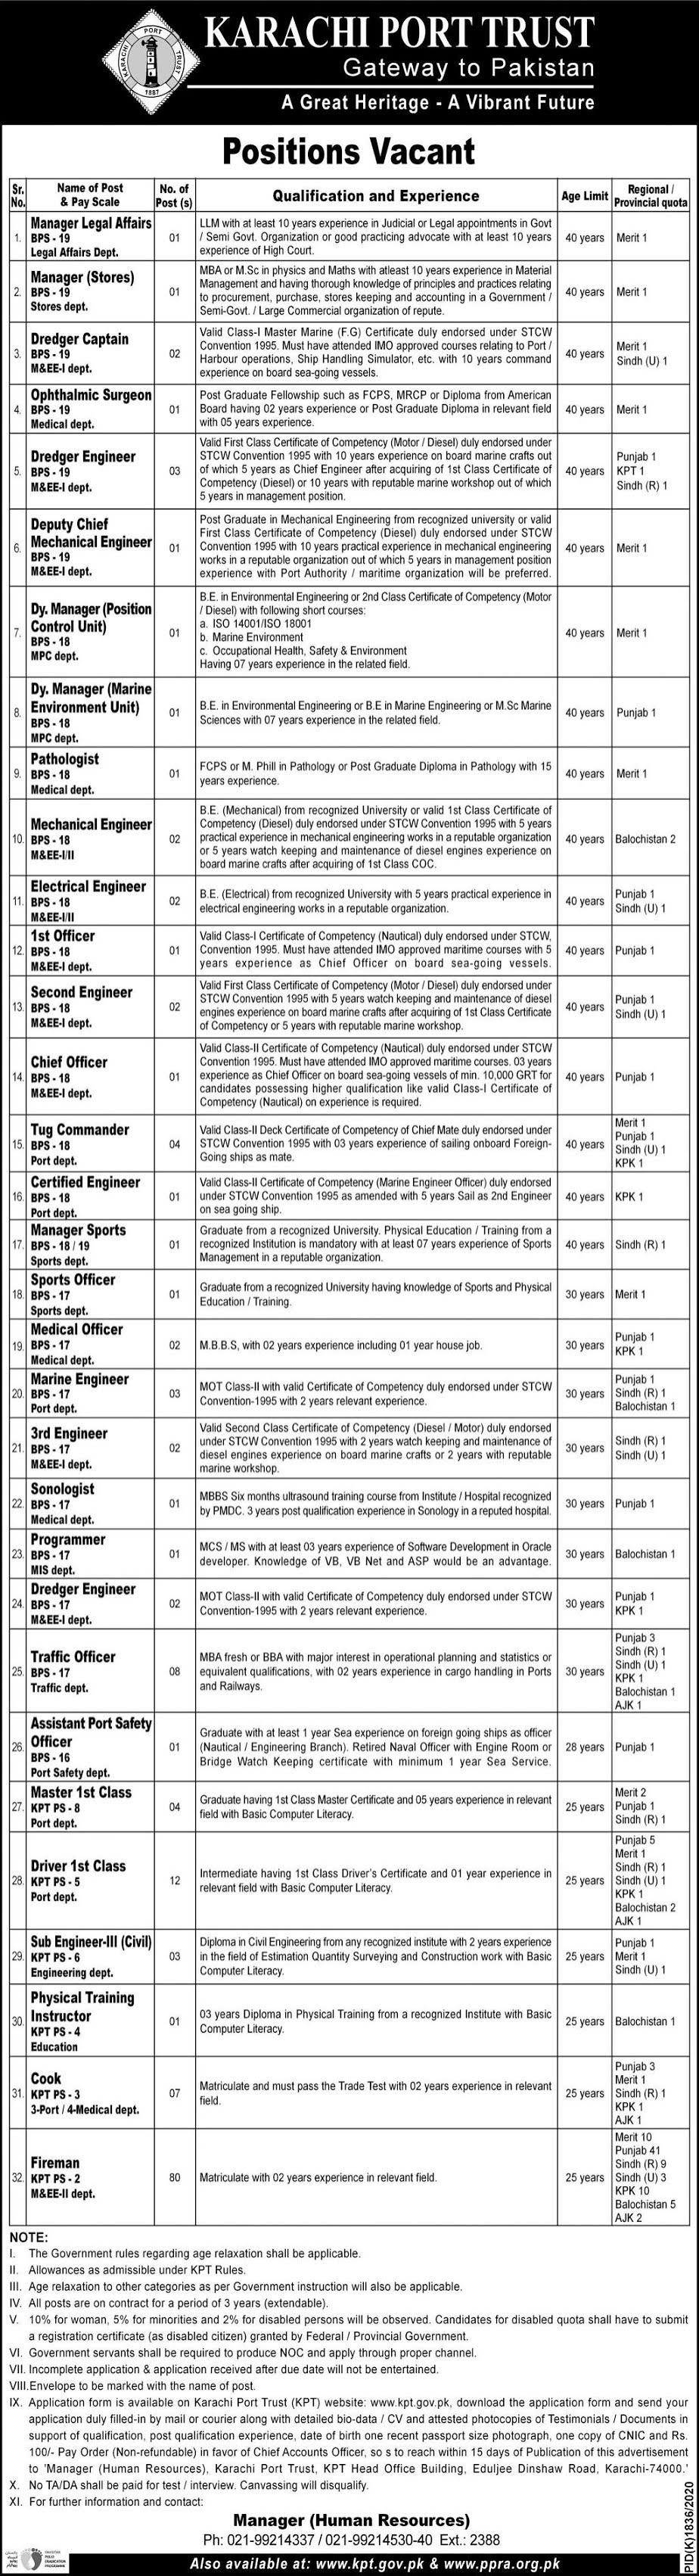 Today New KPT Jobs 2021 Application Form - www.kpt.gov.pk - Karachi Port Trust Jobs 2021 - KPT Jobs 2021 - Karachi Port Trust KPT Jobs 2021